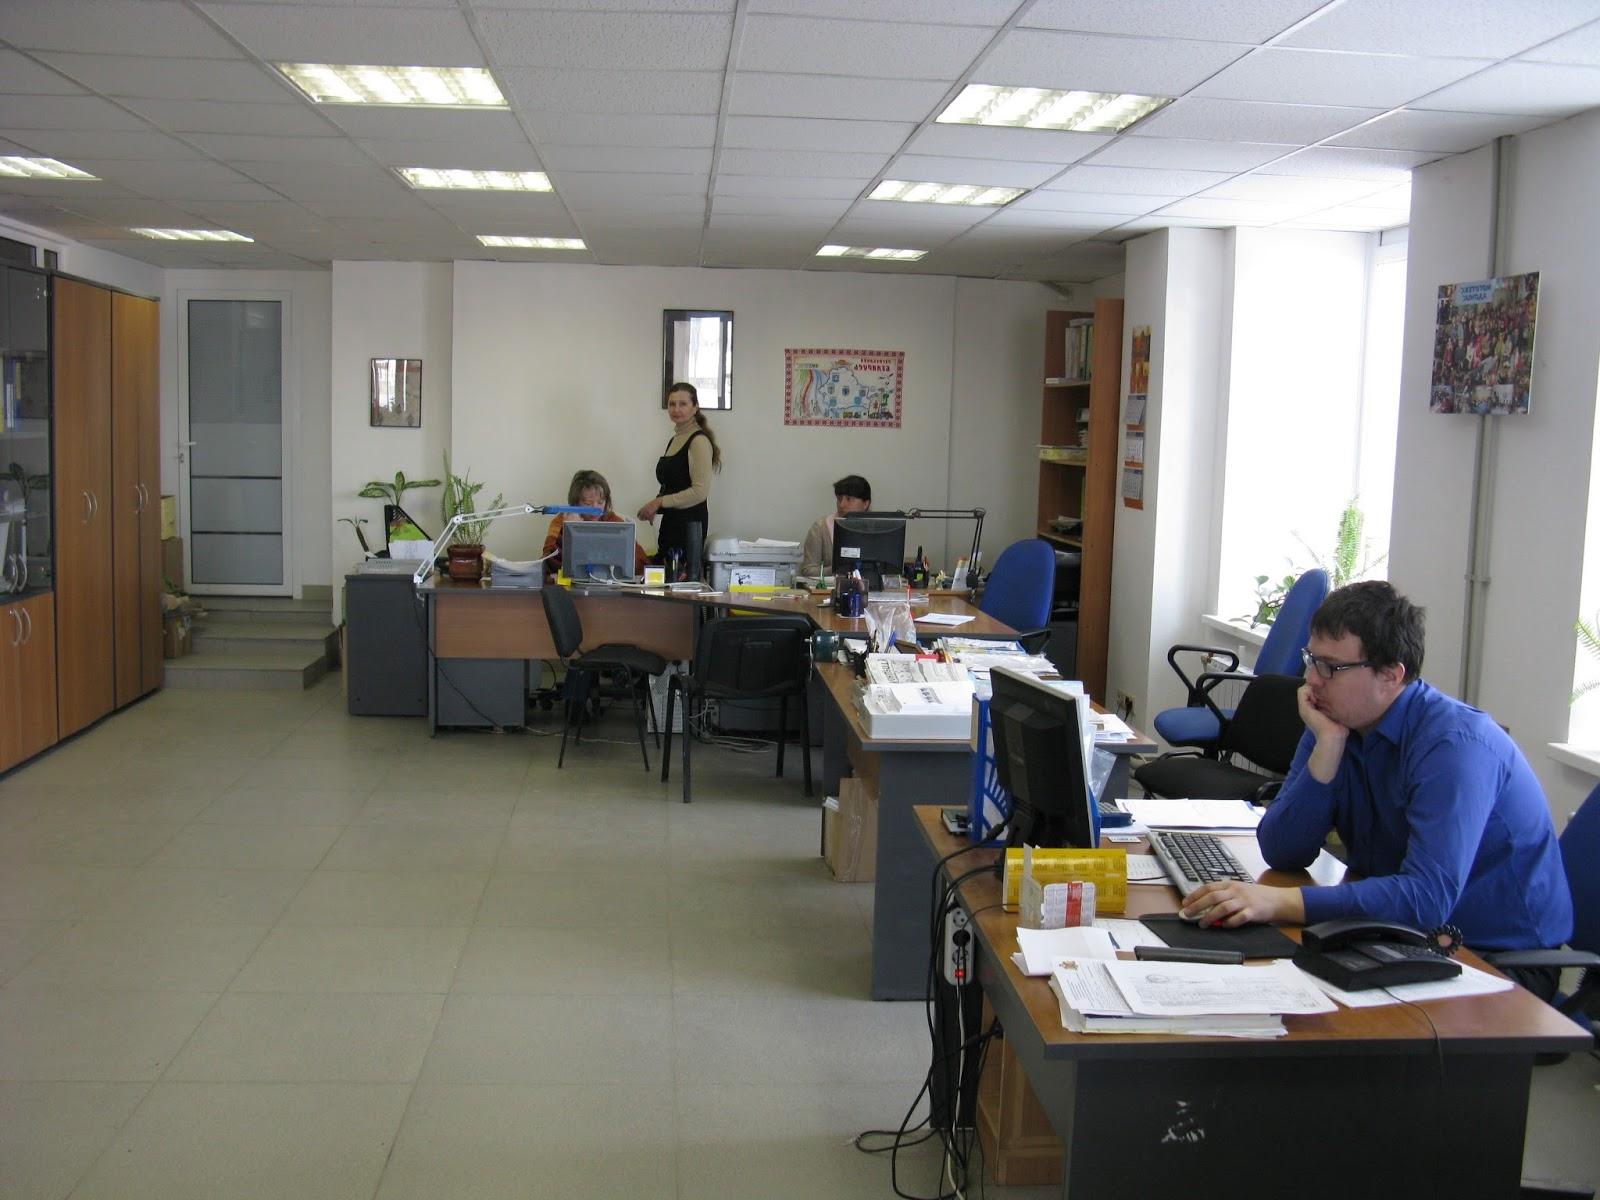 Аренда офиса от собственника в нижнем новгороде аренда офиса производственных помещений